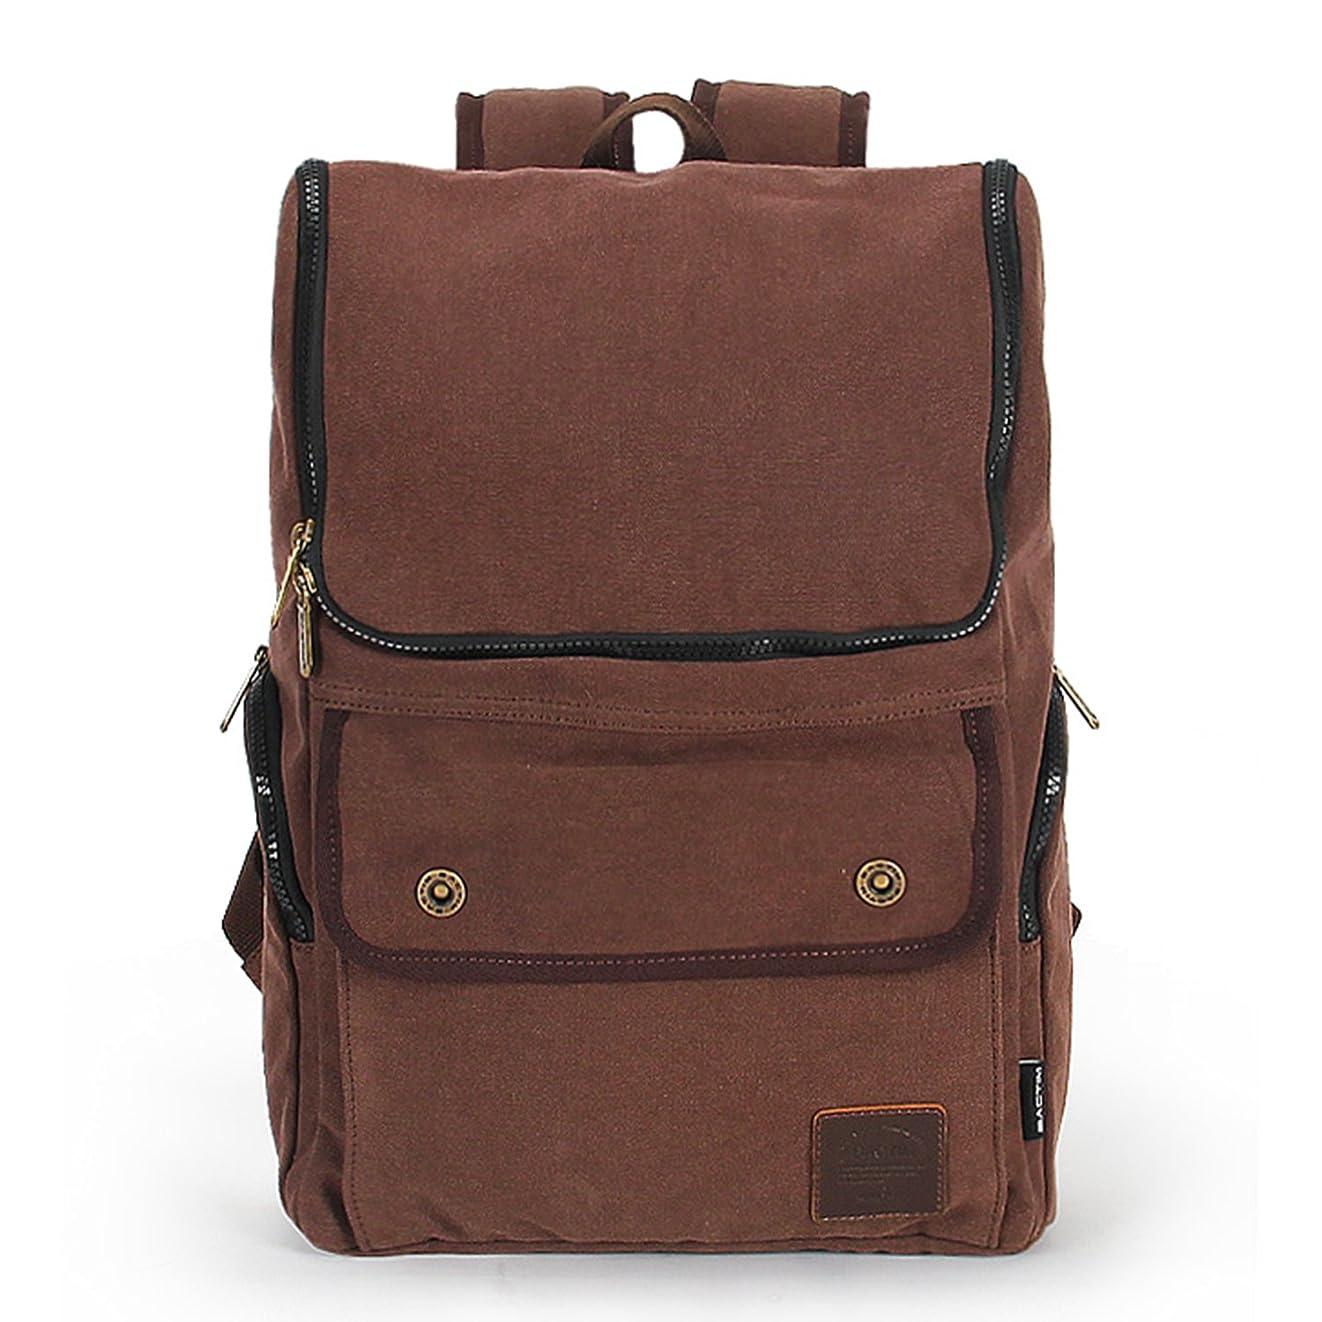 見てモック委任高級 革 リュックサック 旅行 バッグ バック バックパック メンズ レディース レザー 皮 鞄 通勤 通学 軽量 大容量